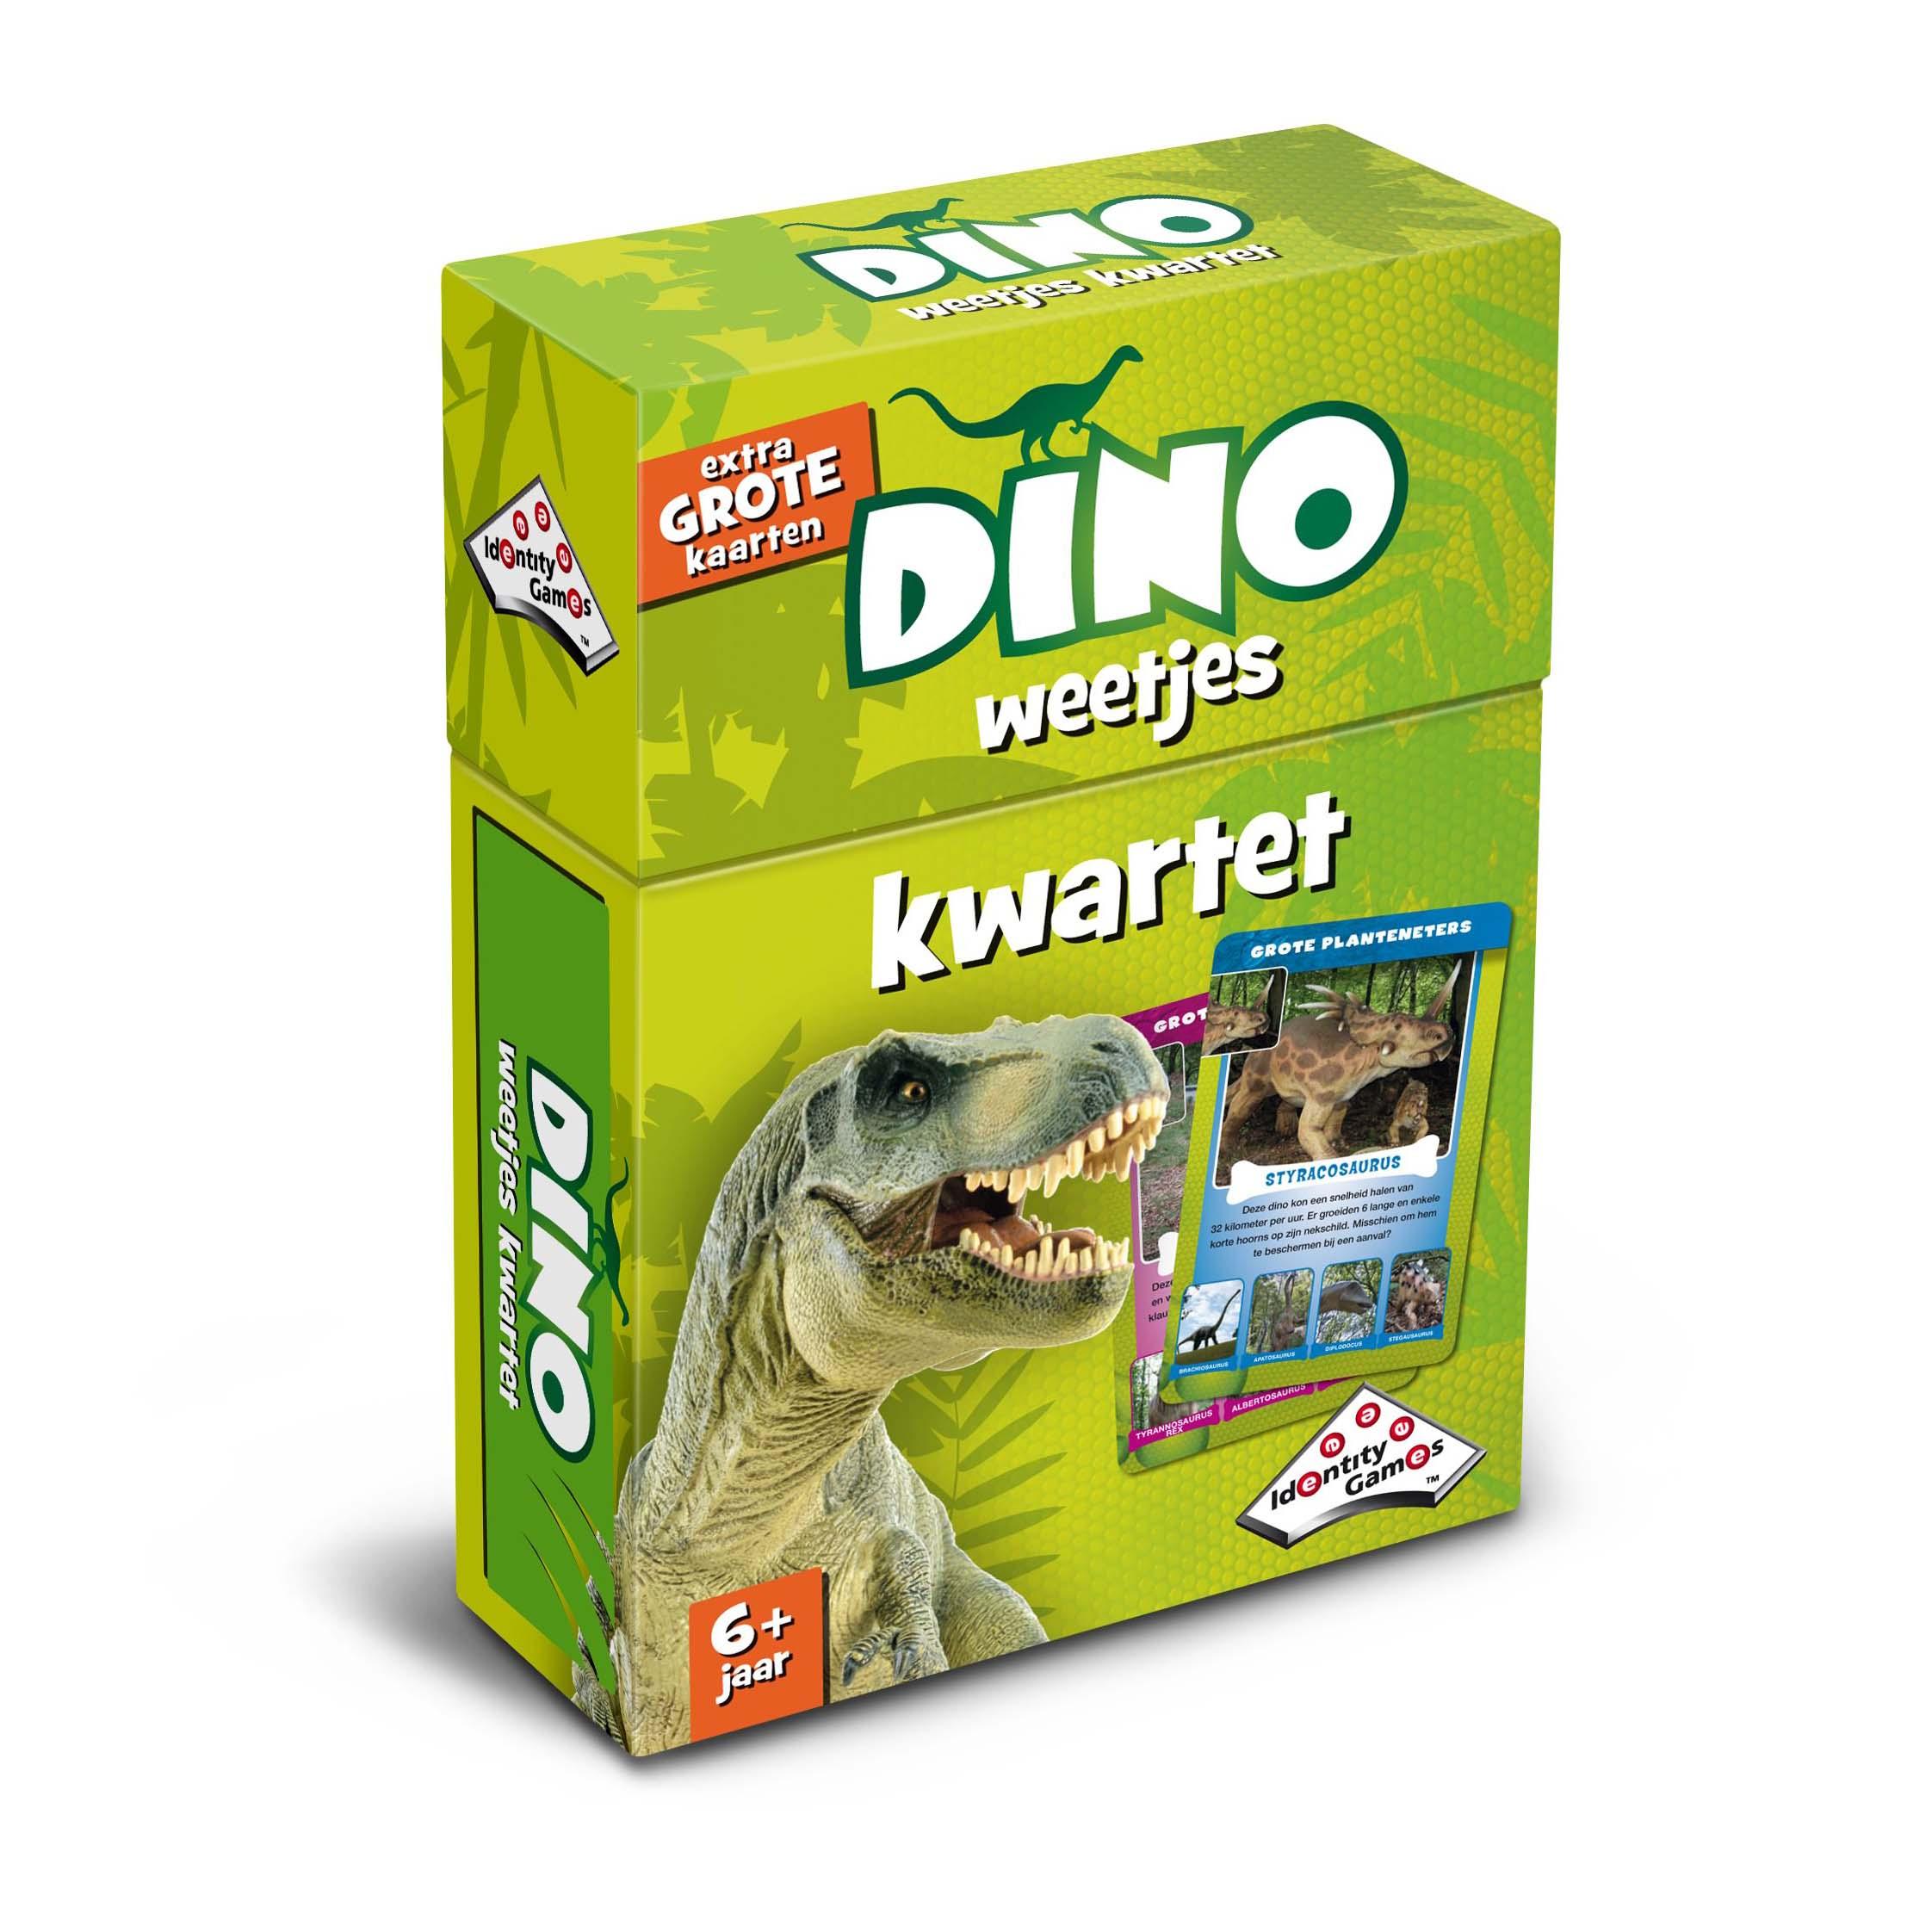 Afbeelding van Spel Weetjes Kwartet Dino's